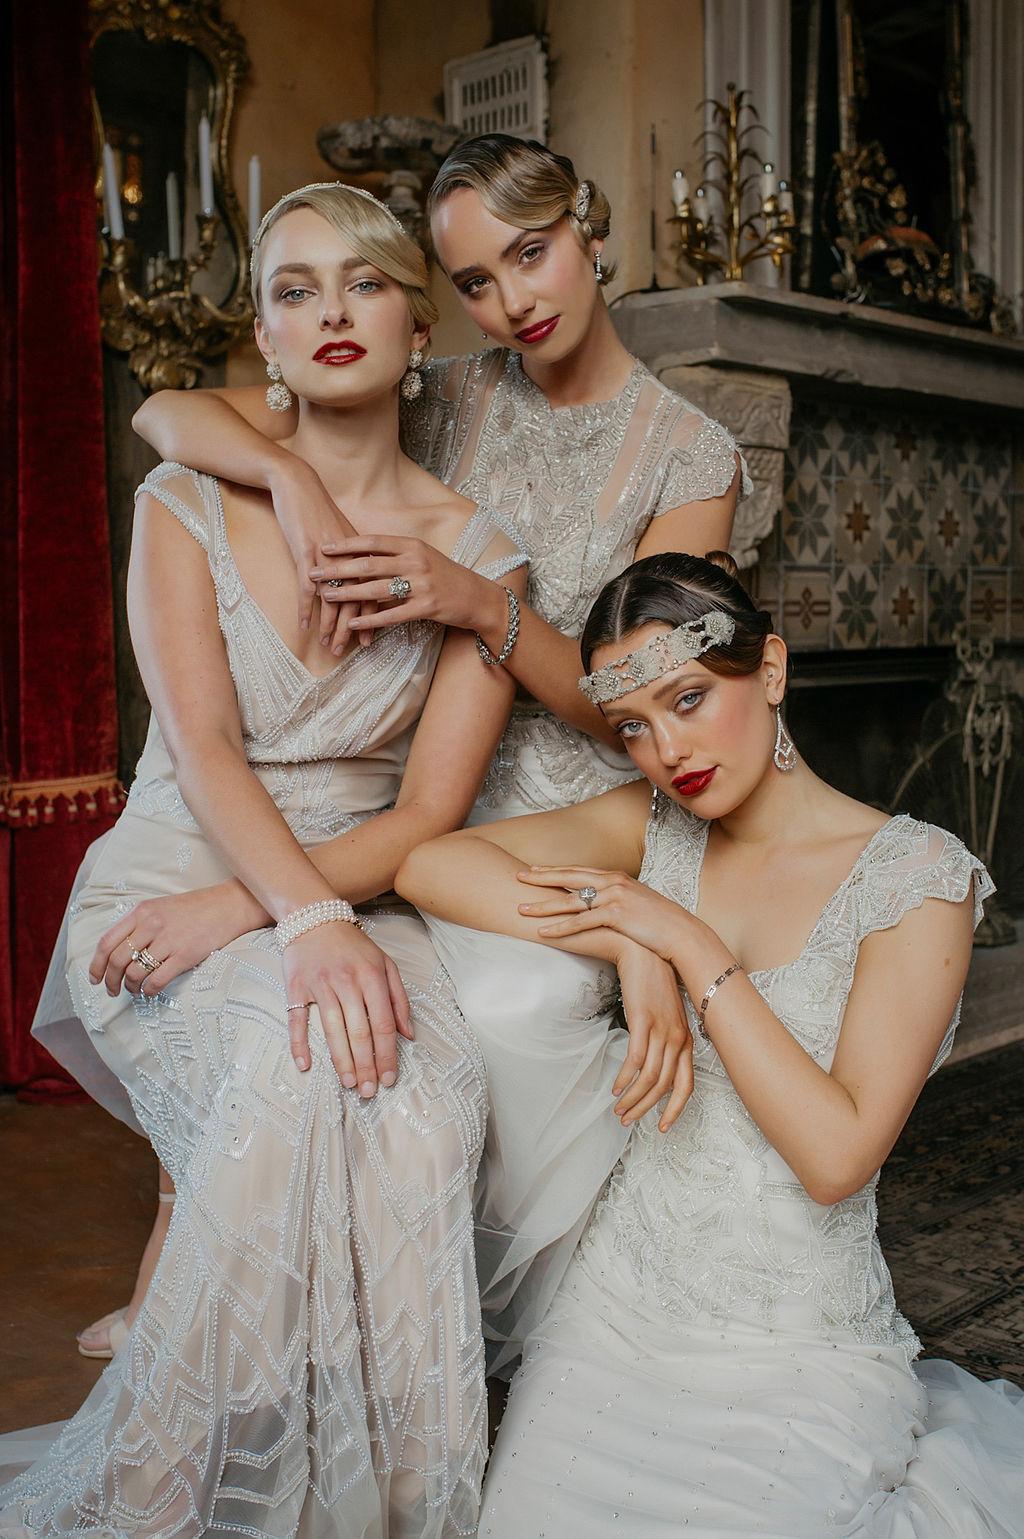 Tara Polly and Elke Gwendolynne Wedding Dress  JessicaAbbyartdecoWEB-8658.jpg